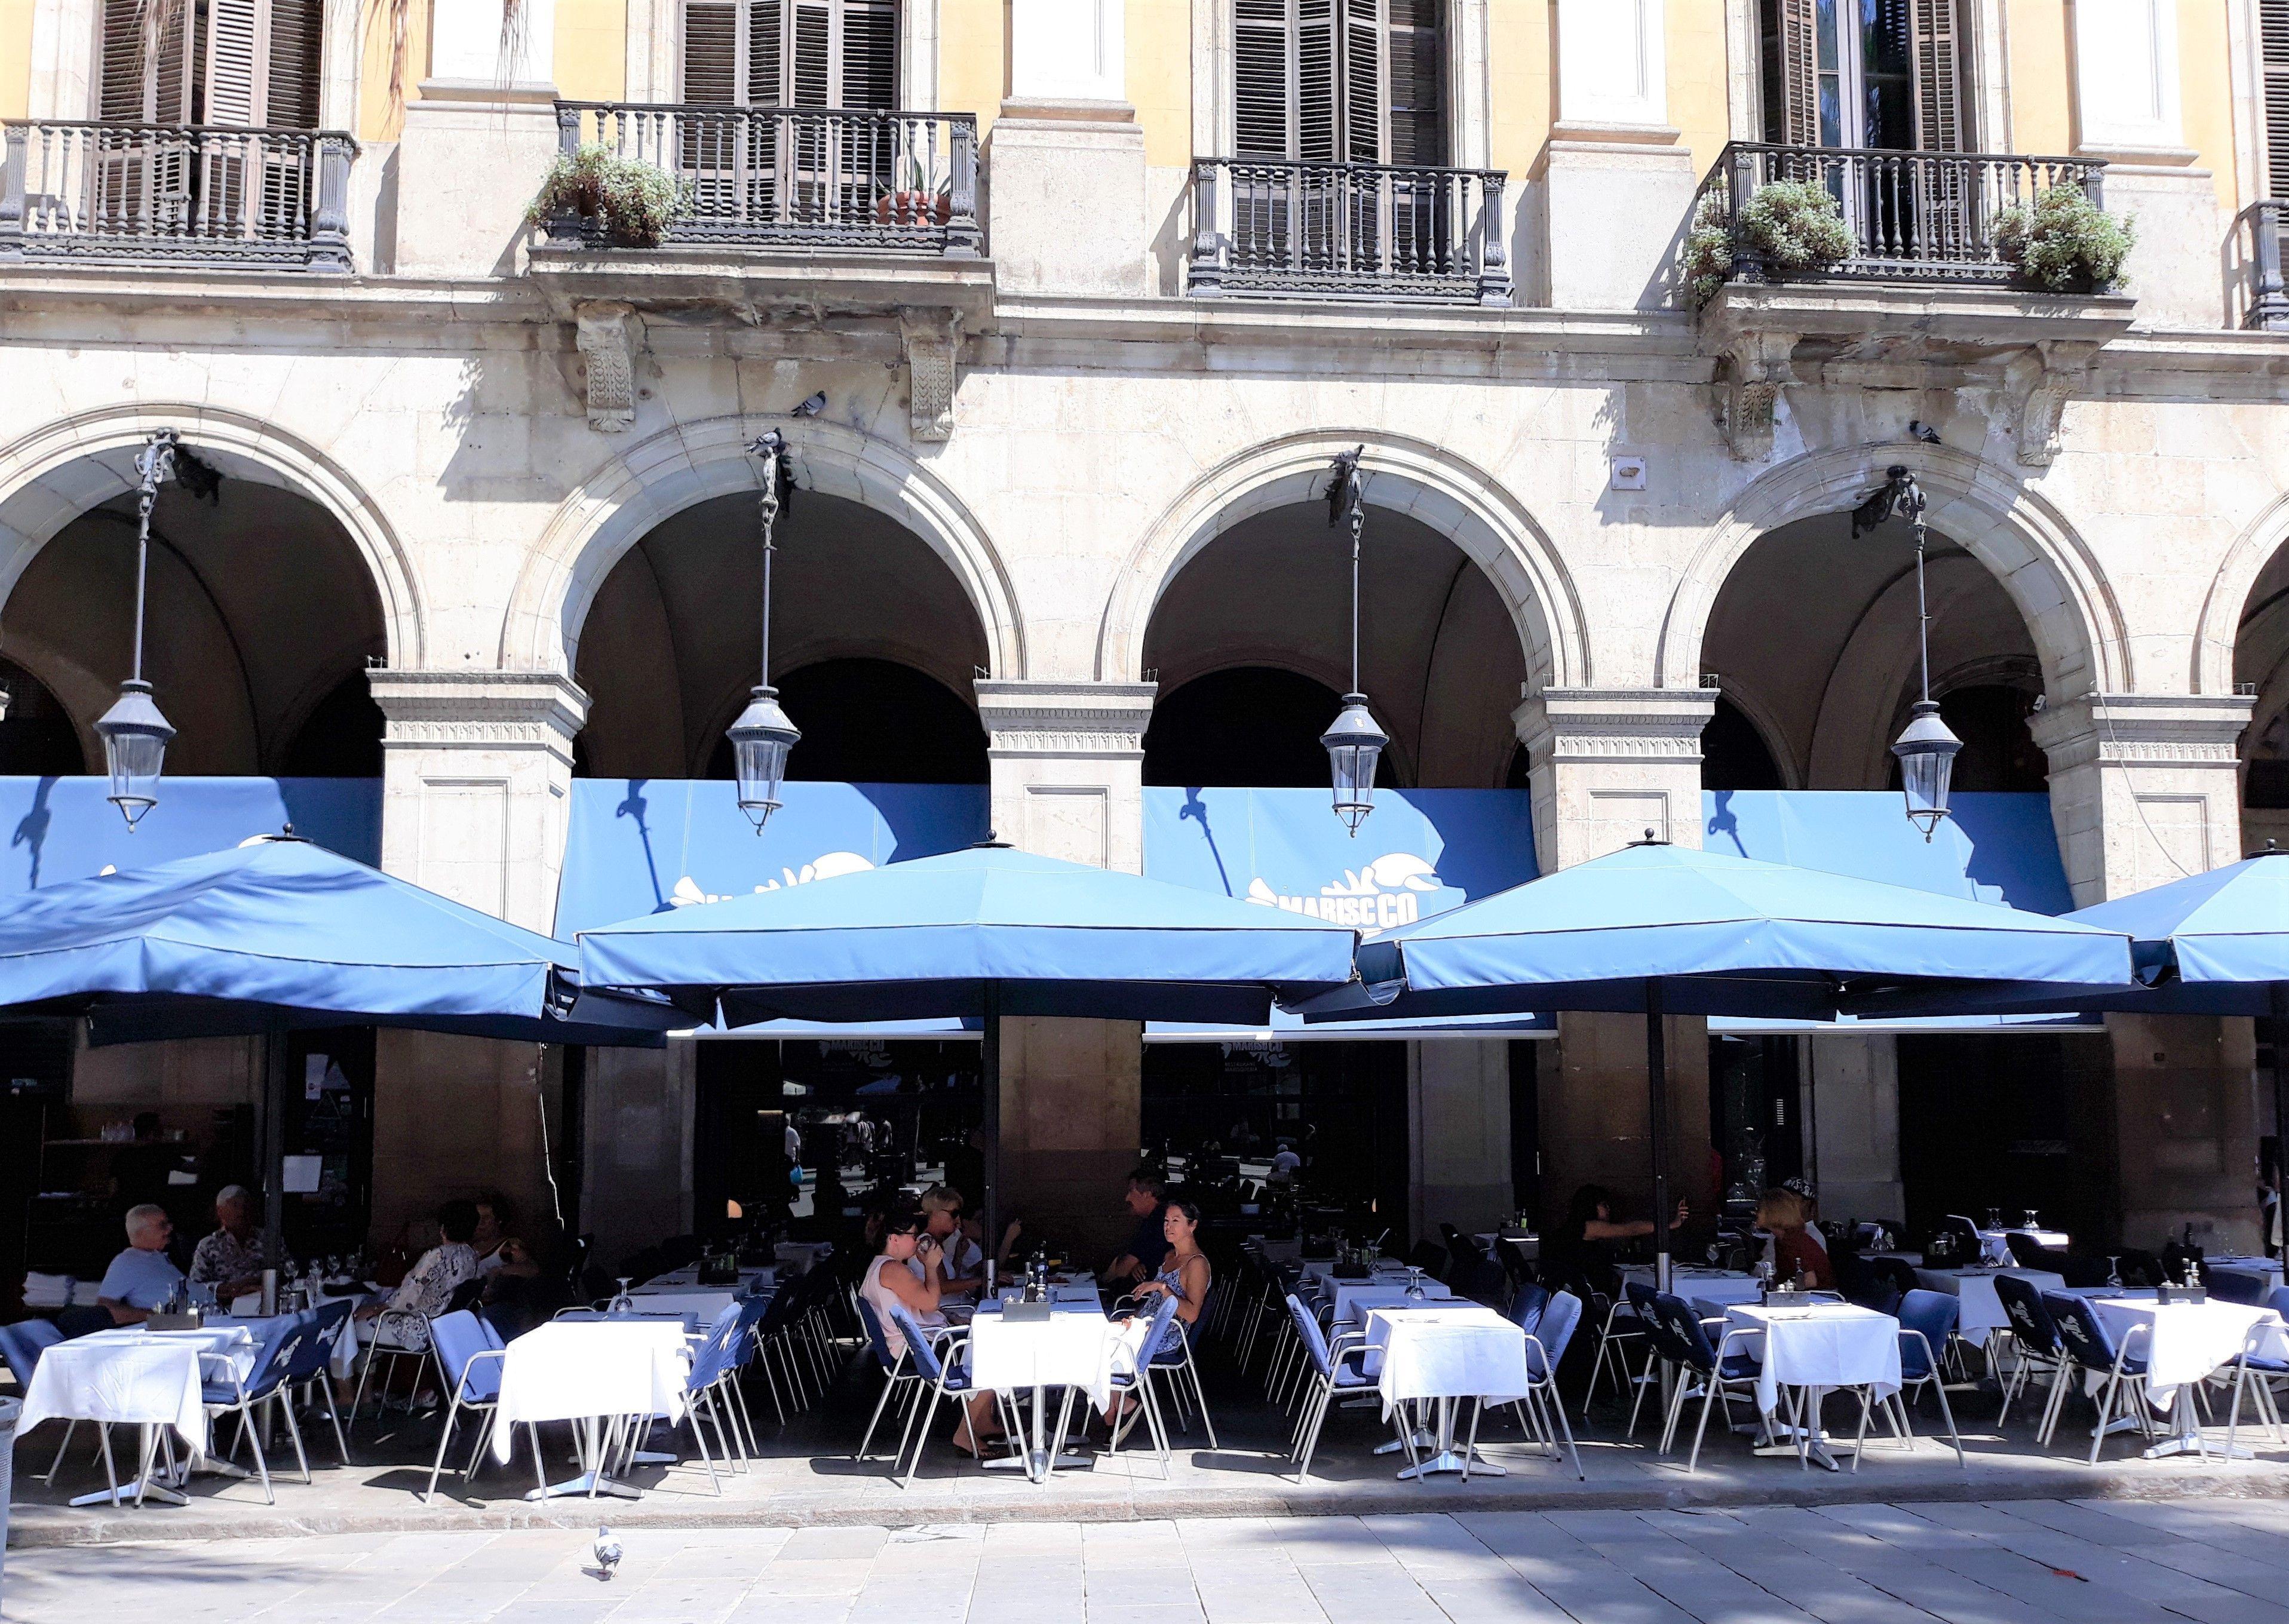 Restaurante Mariscco Ramblas Barcelona